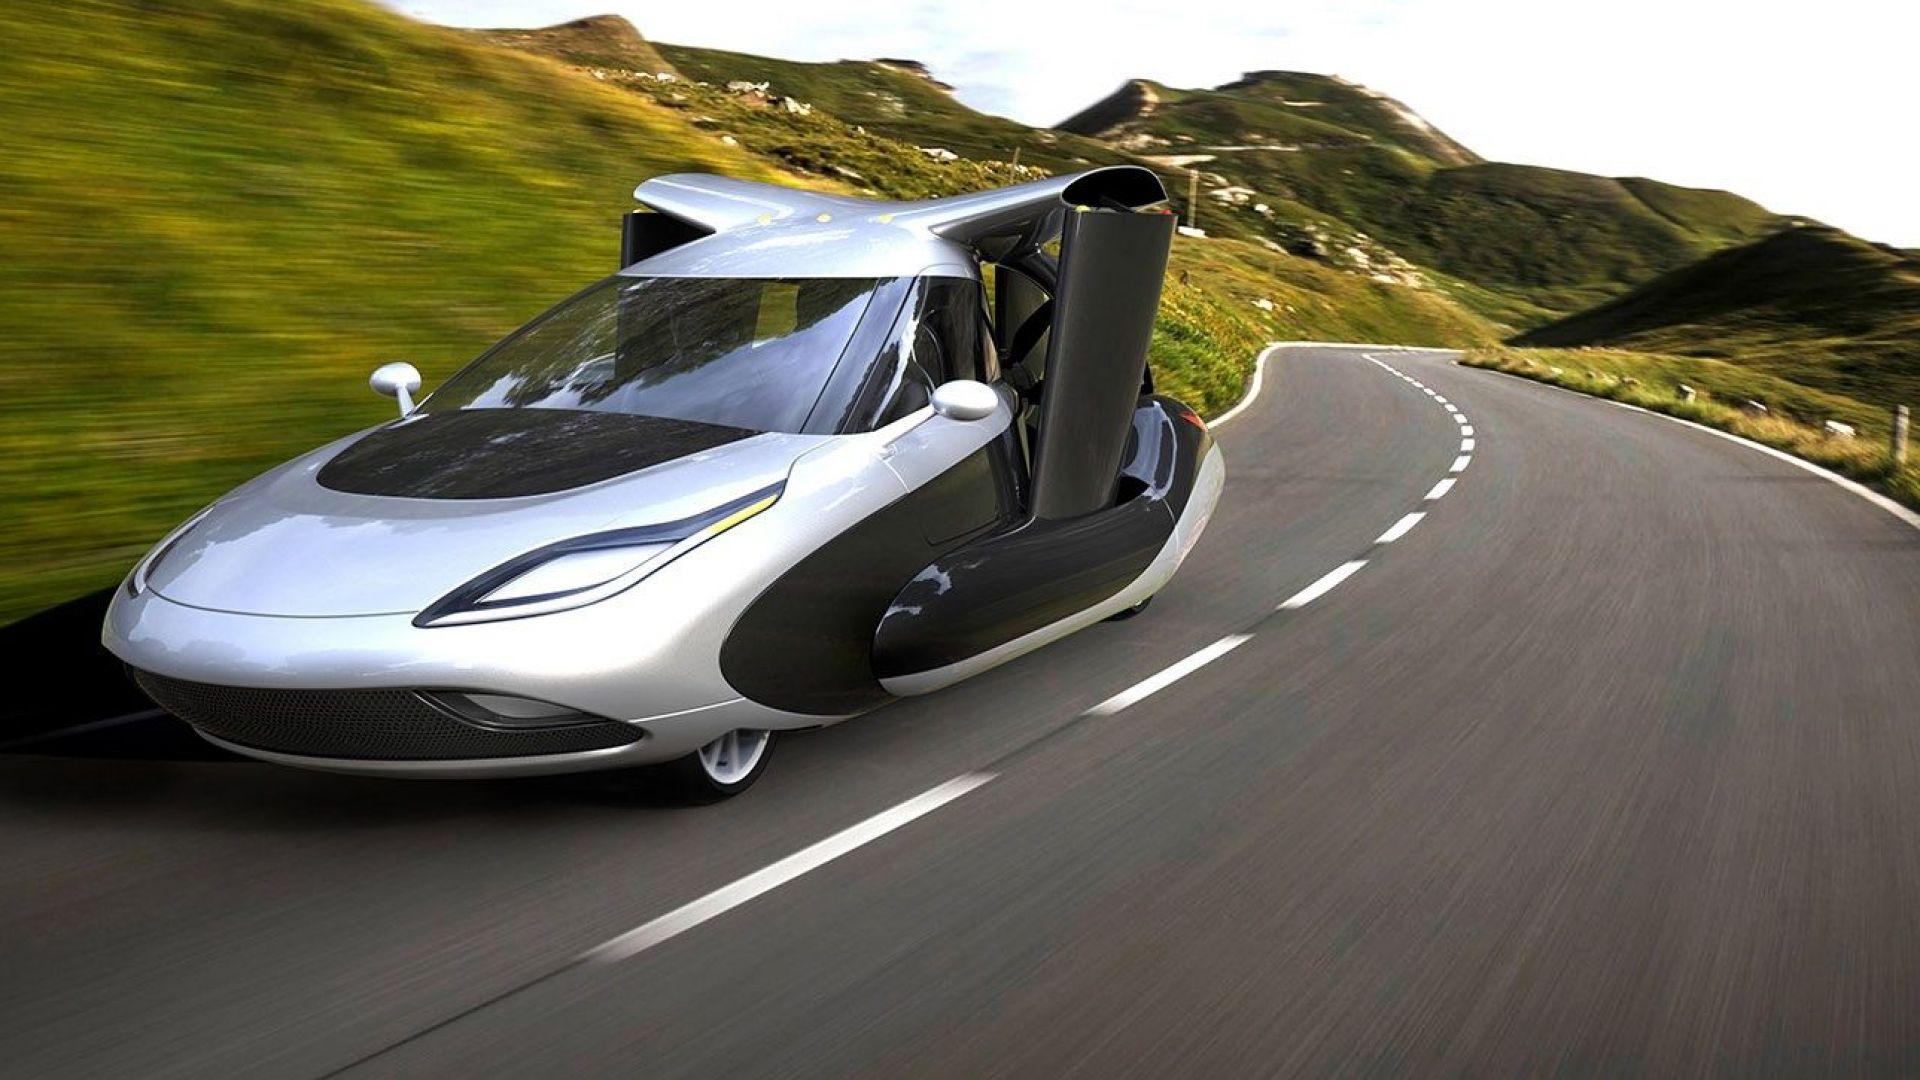 Започват продажбите на първата летяща кола в света